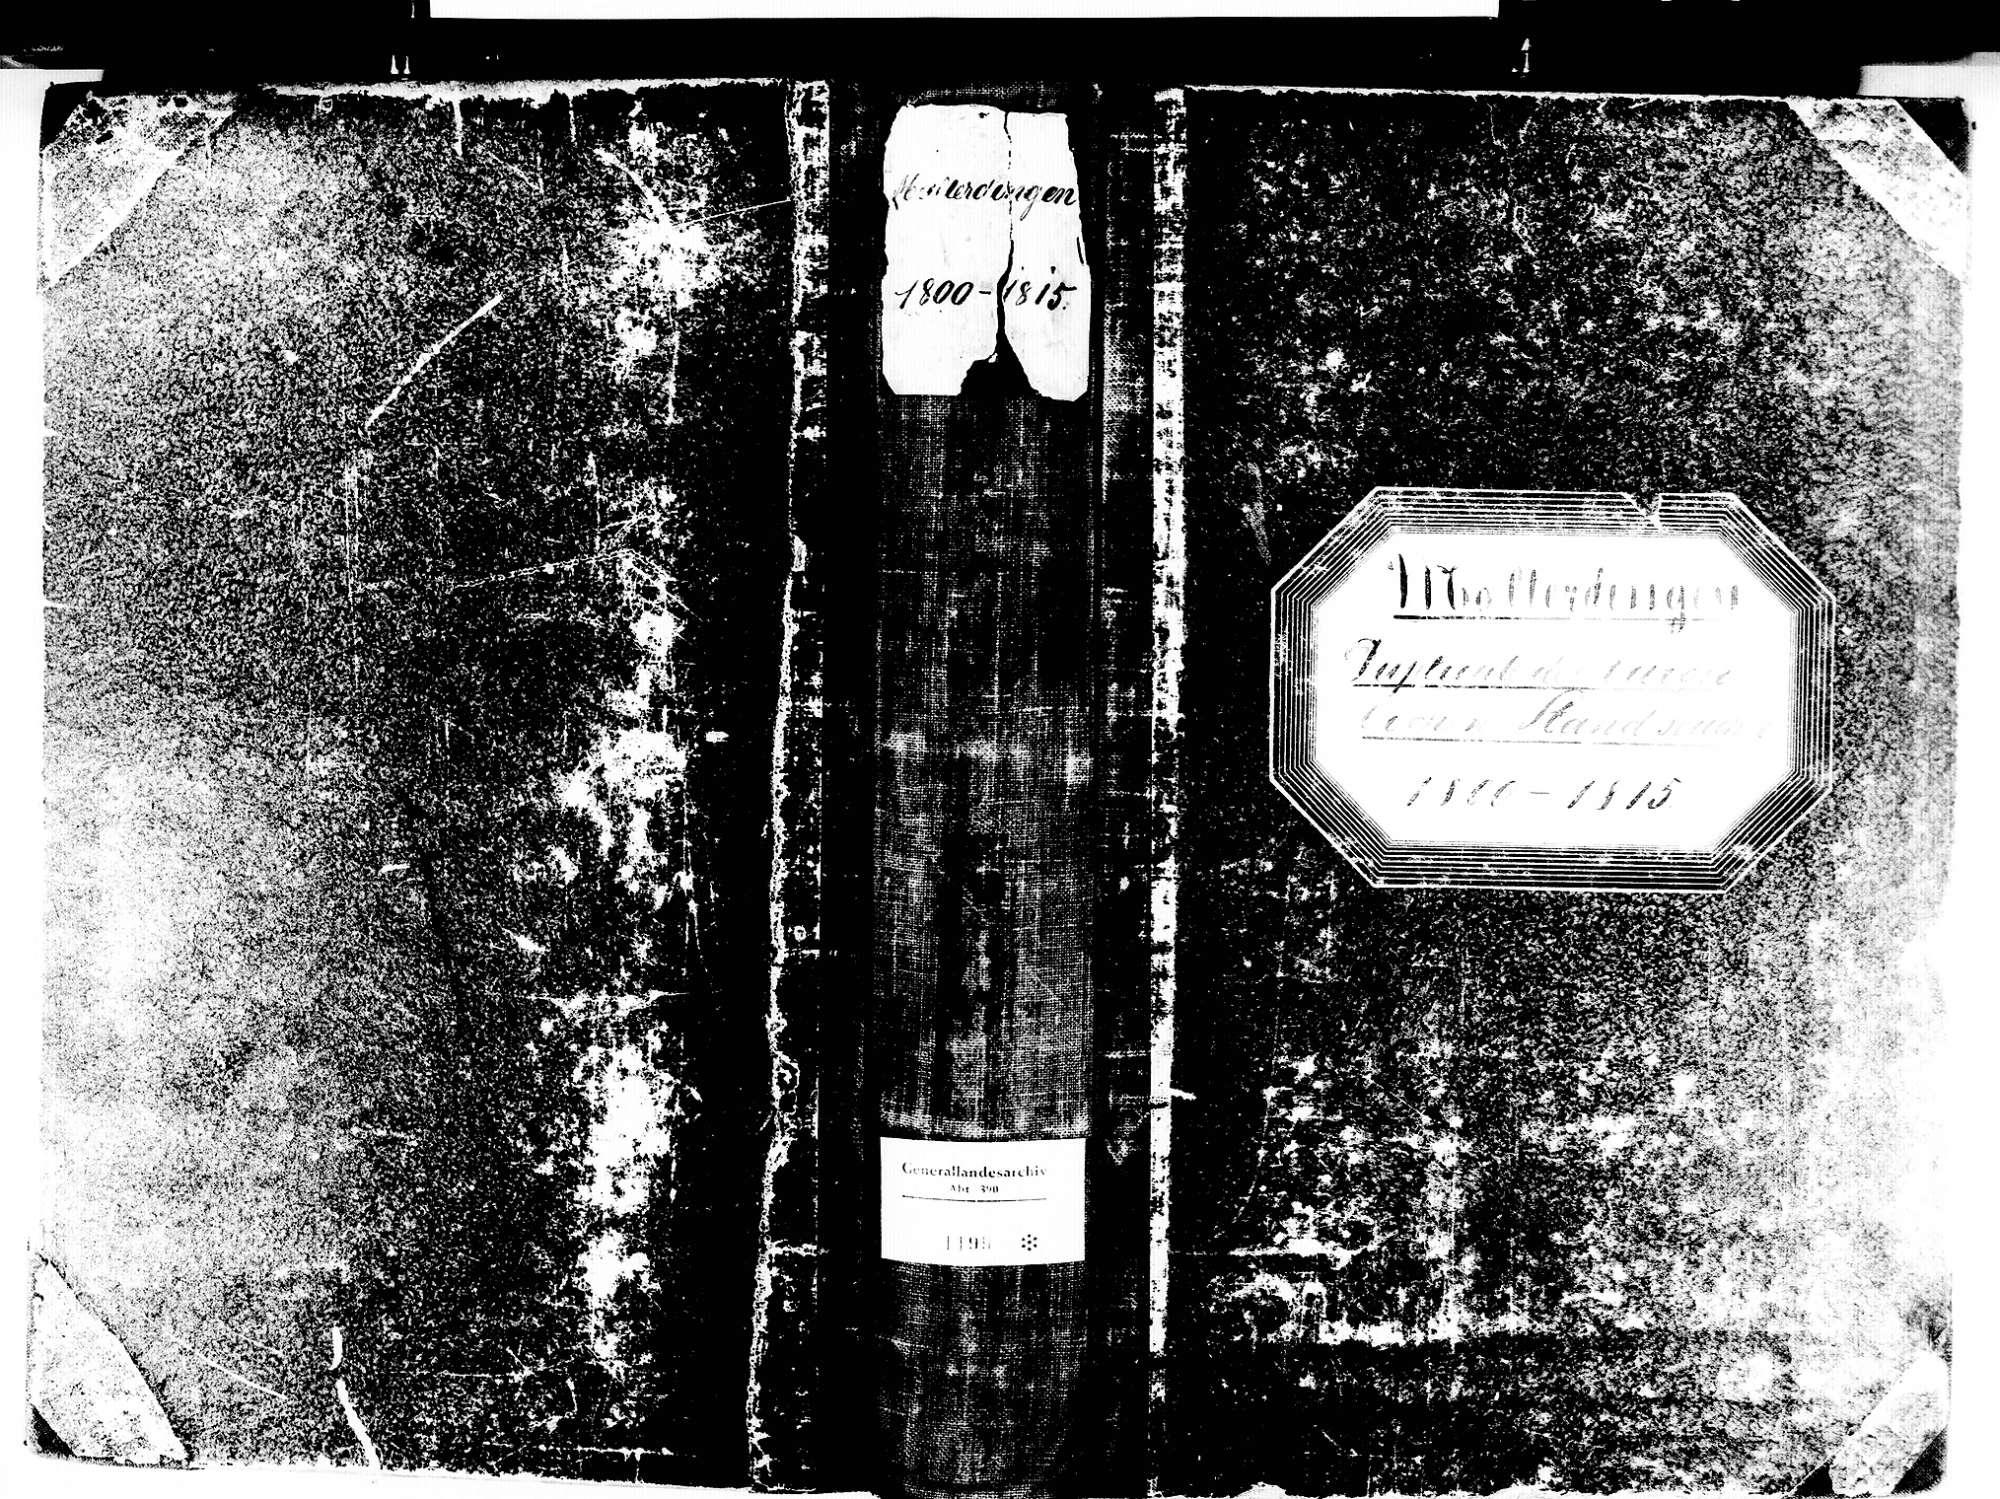 Malterdingen EM; Evangelische Gemeinde: Standesbuch 1800-1815 Enthält: Einzelne Katholische Einträge, Bild 1